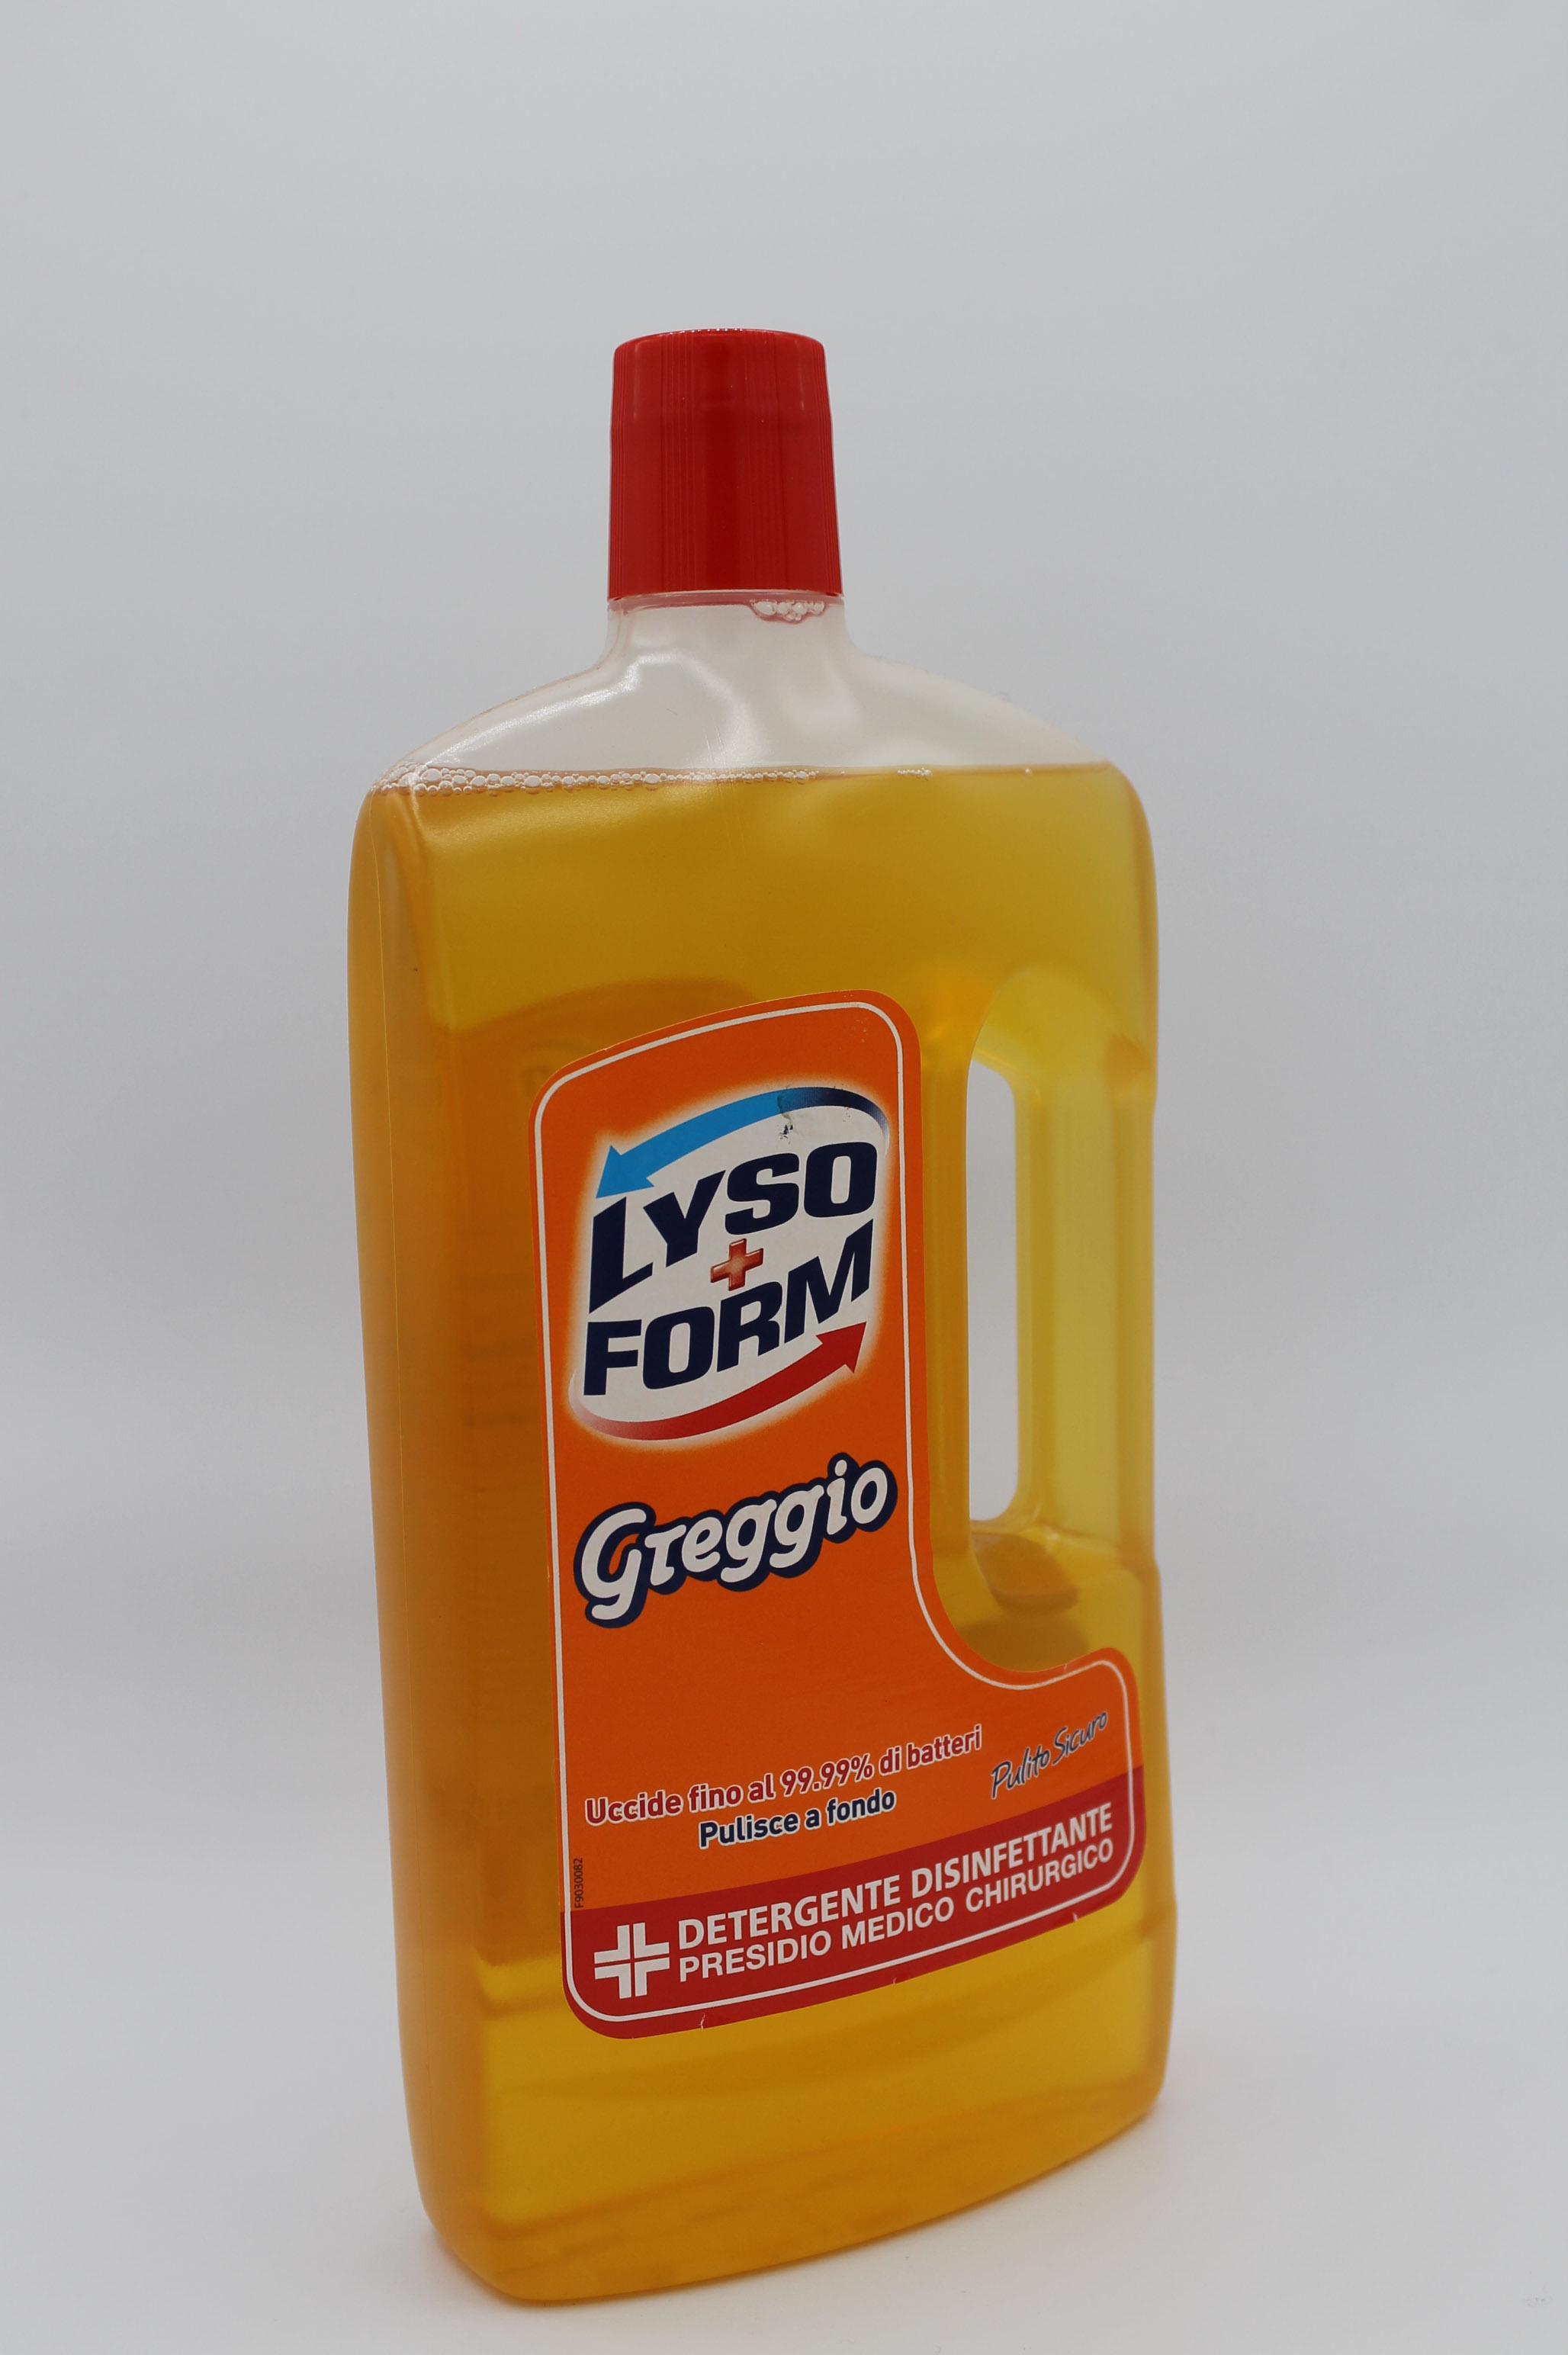 Lysoform detergente disinfettante greggio 1lt.